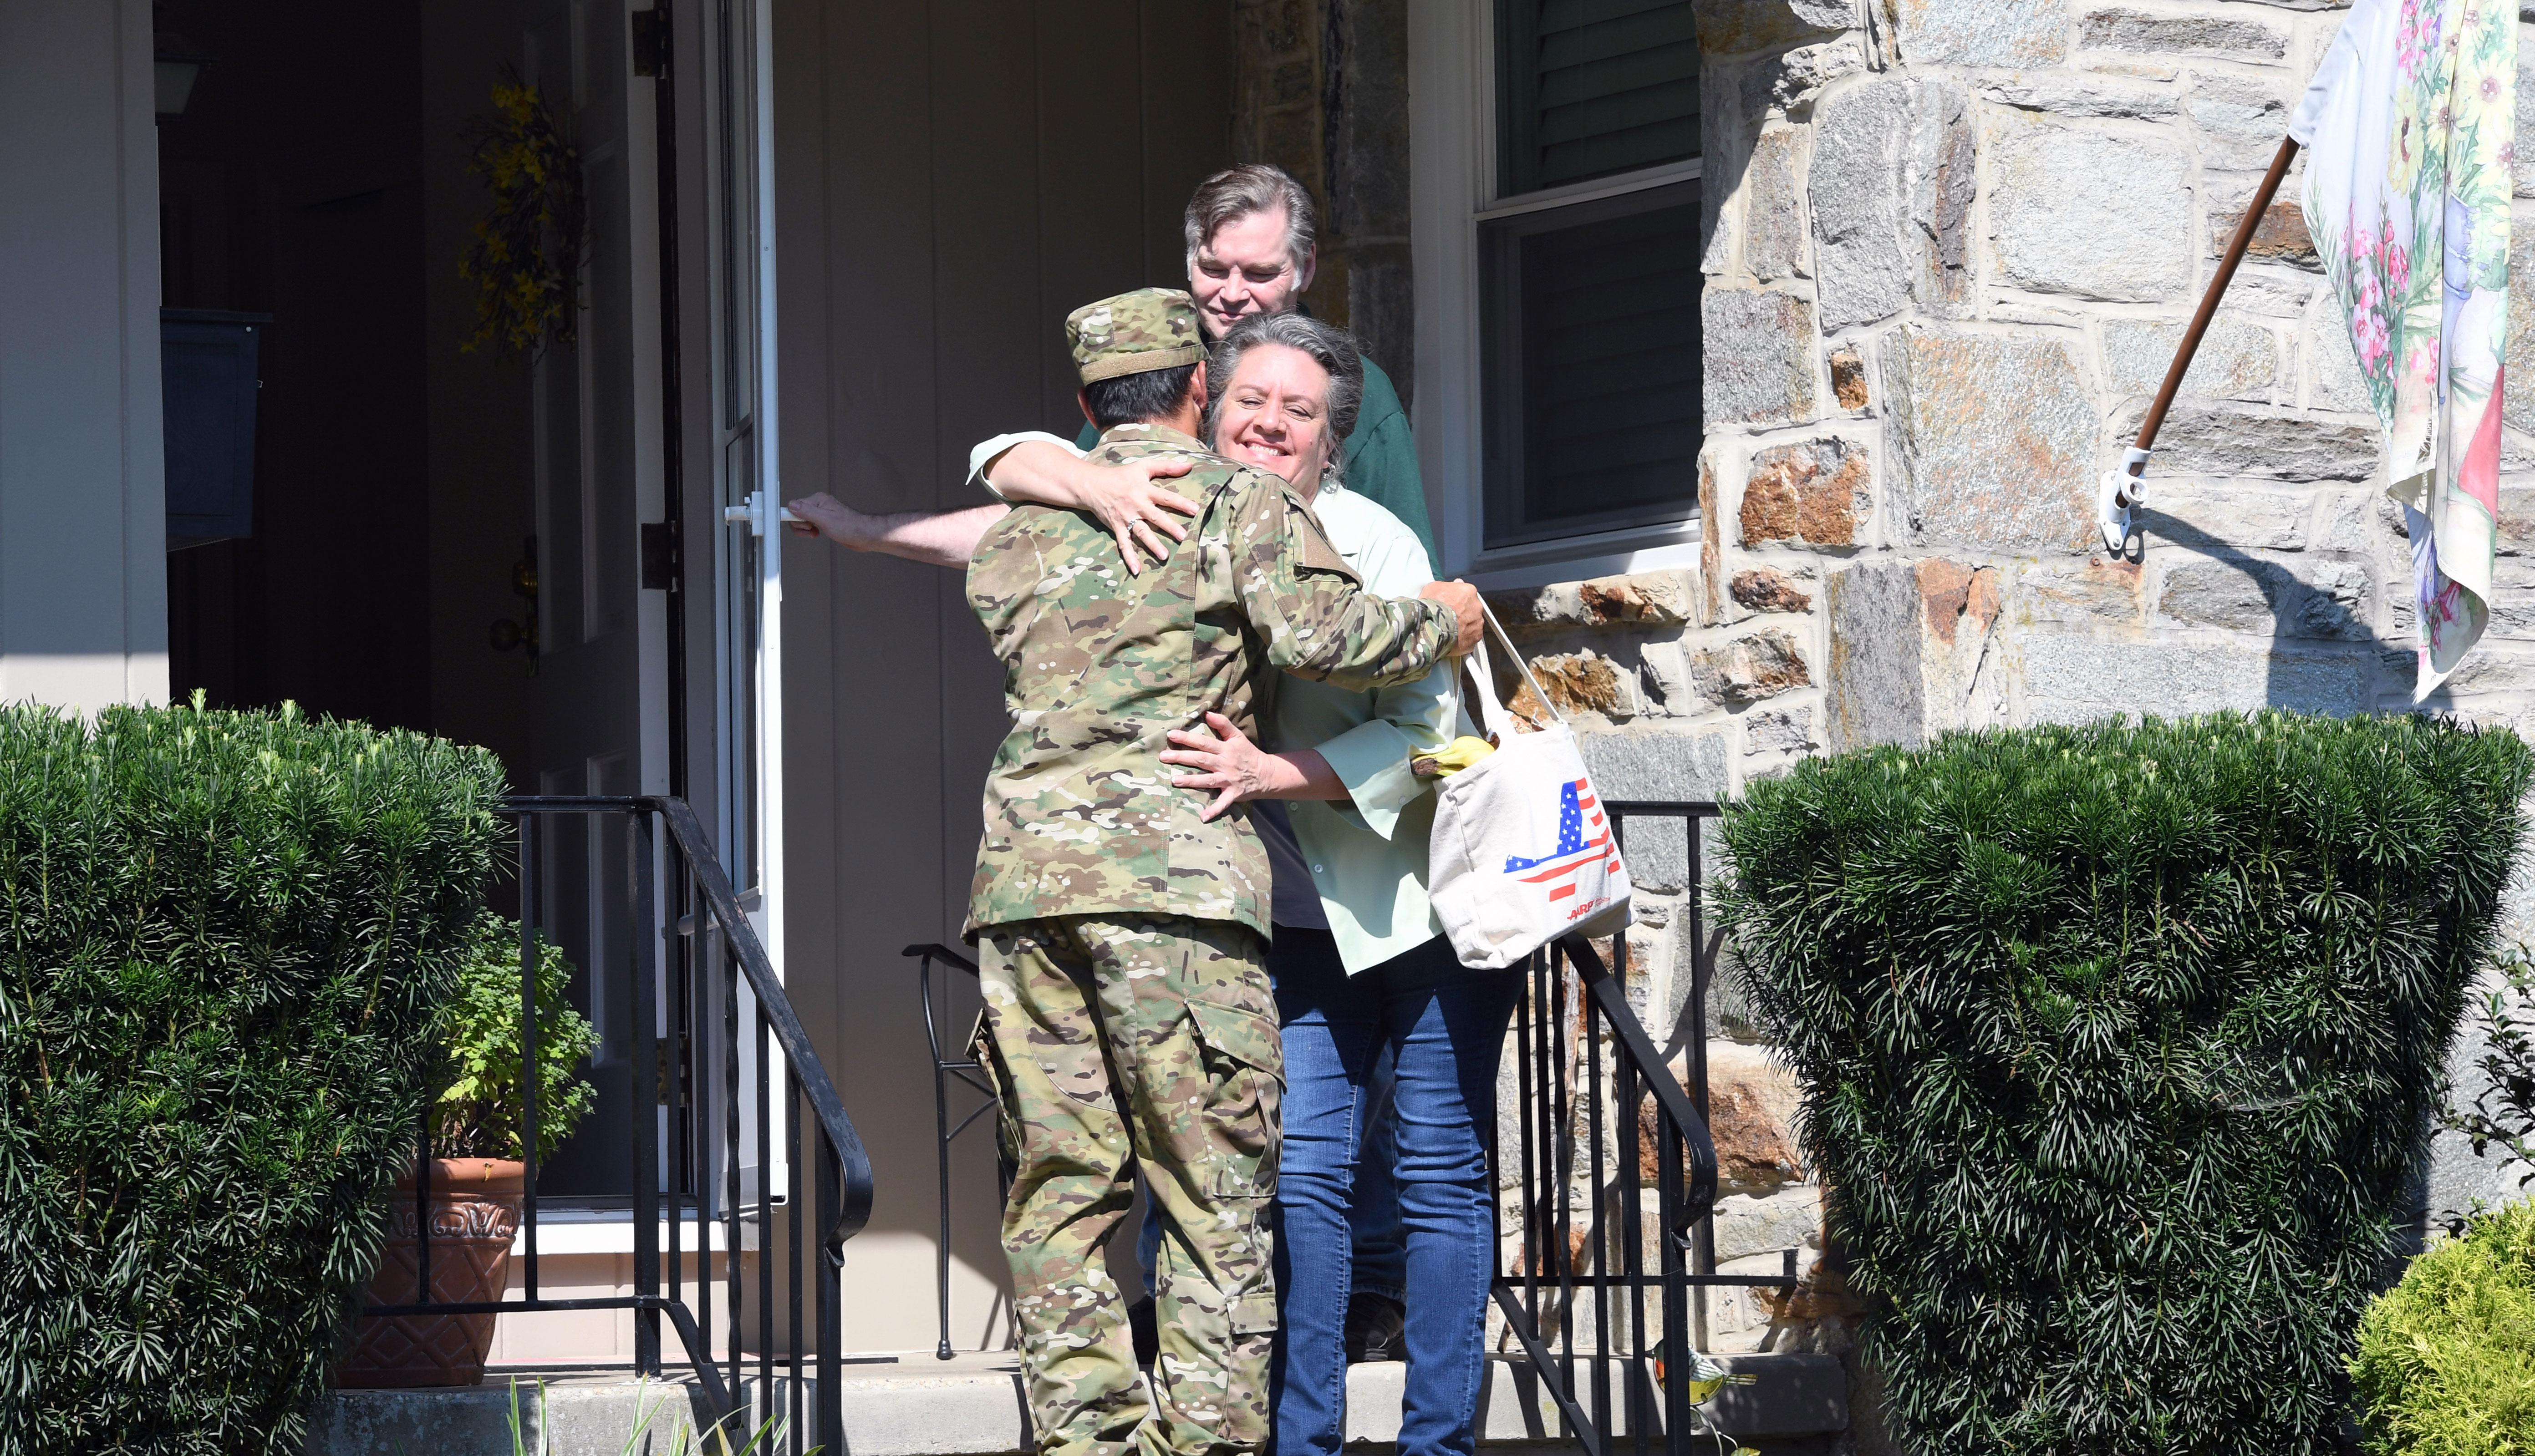 Una madre abraza a su hijo vestido de militar